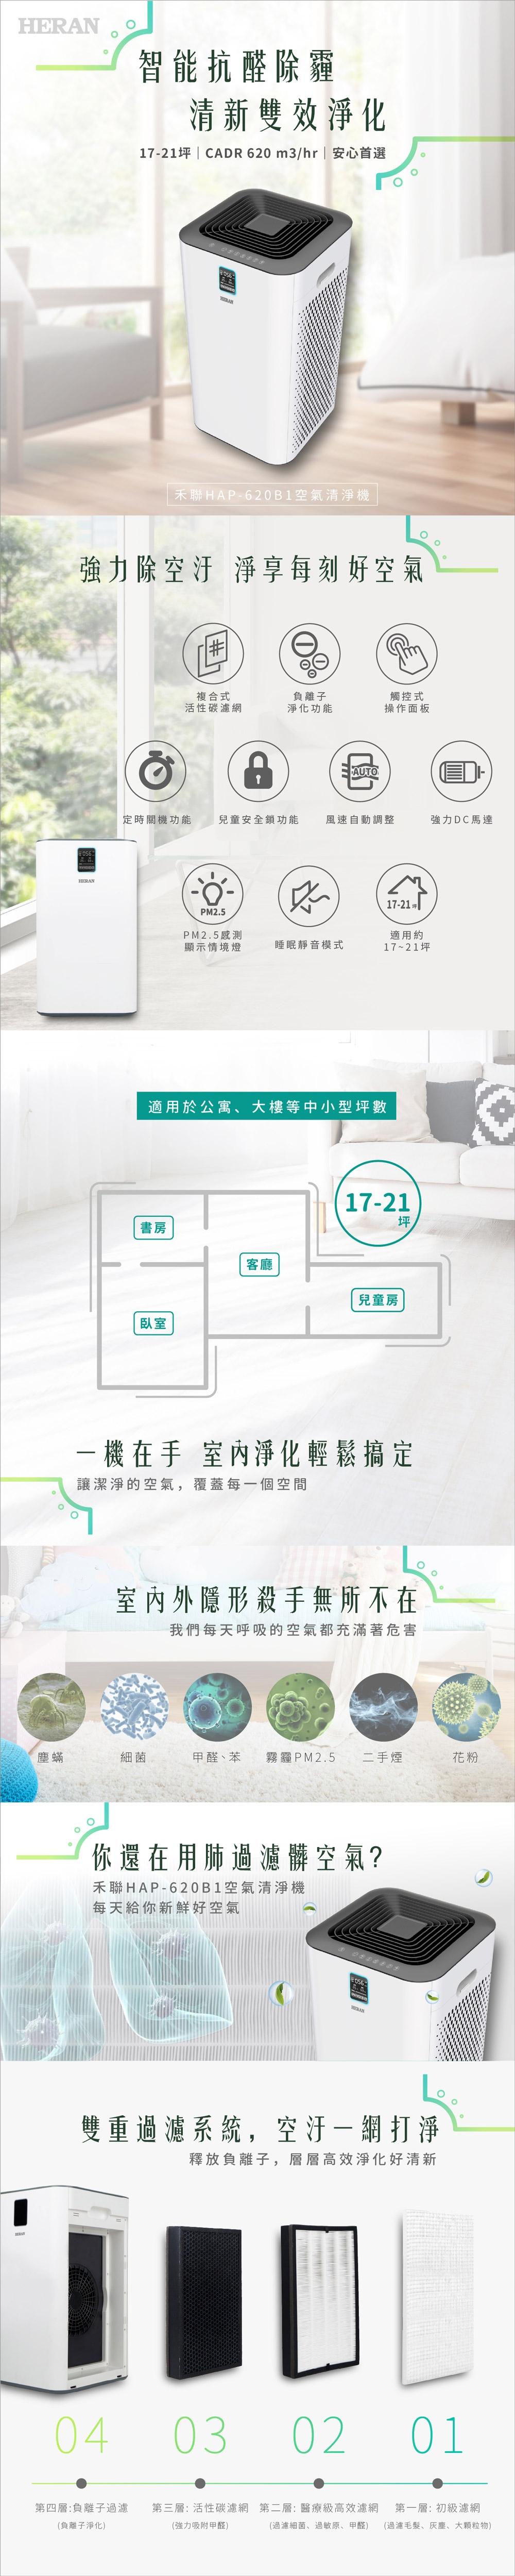 結帳驚喜 HERAN禾聯 17-21坪 WIFI智能雙偵測空氣清淨機 HAP-620B1